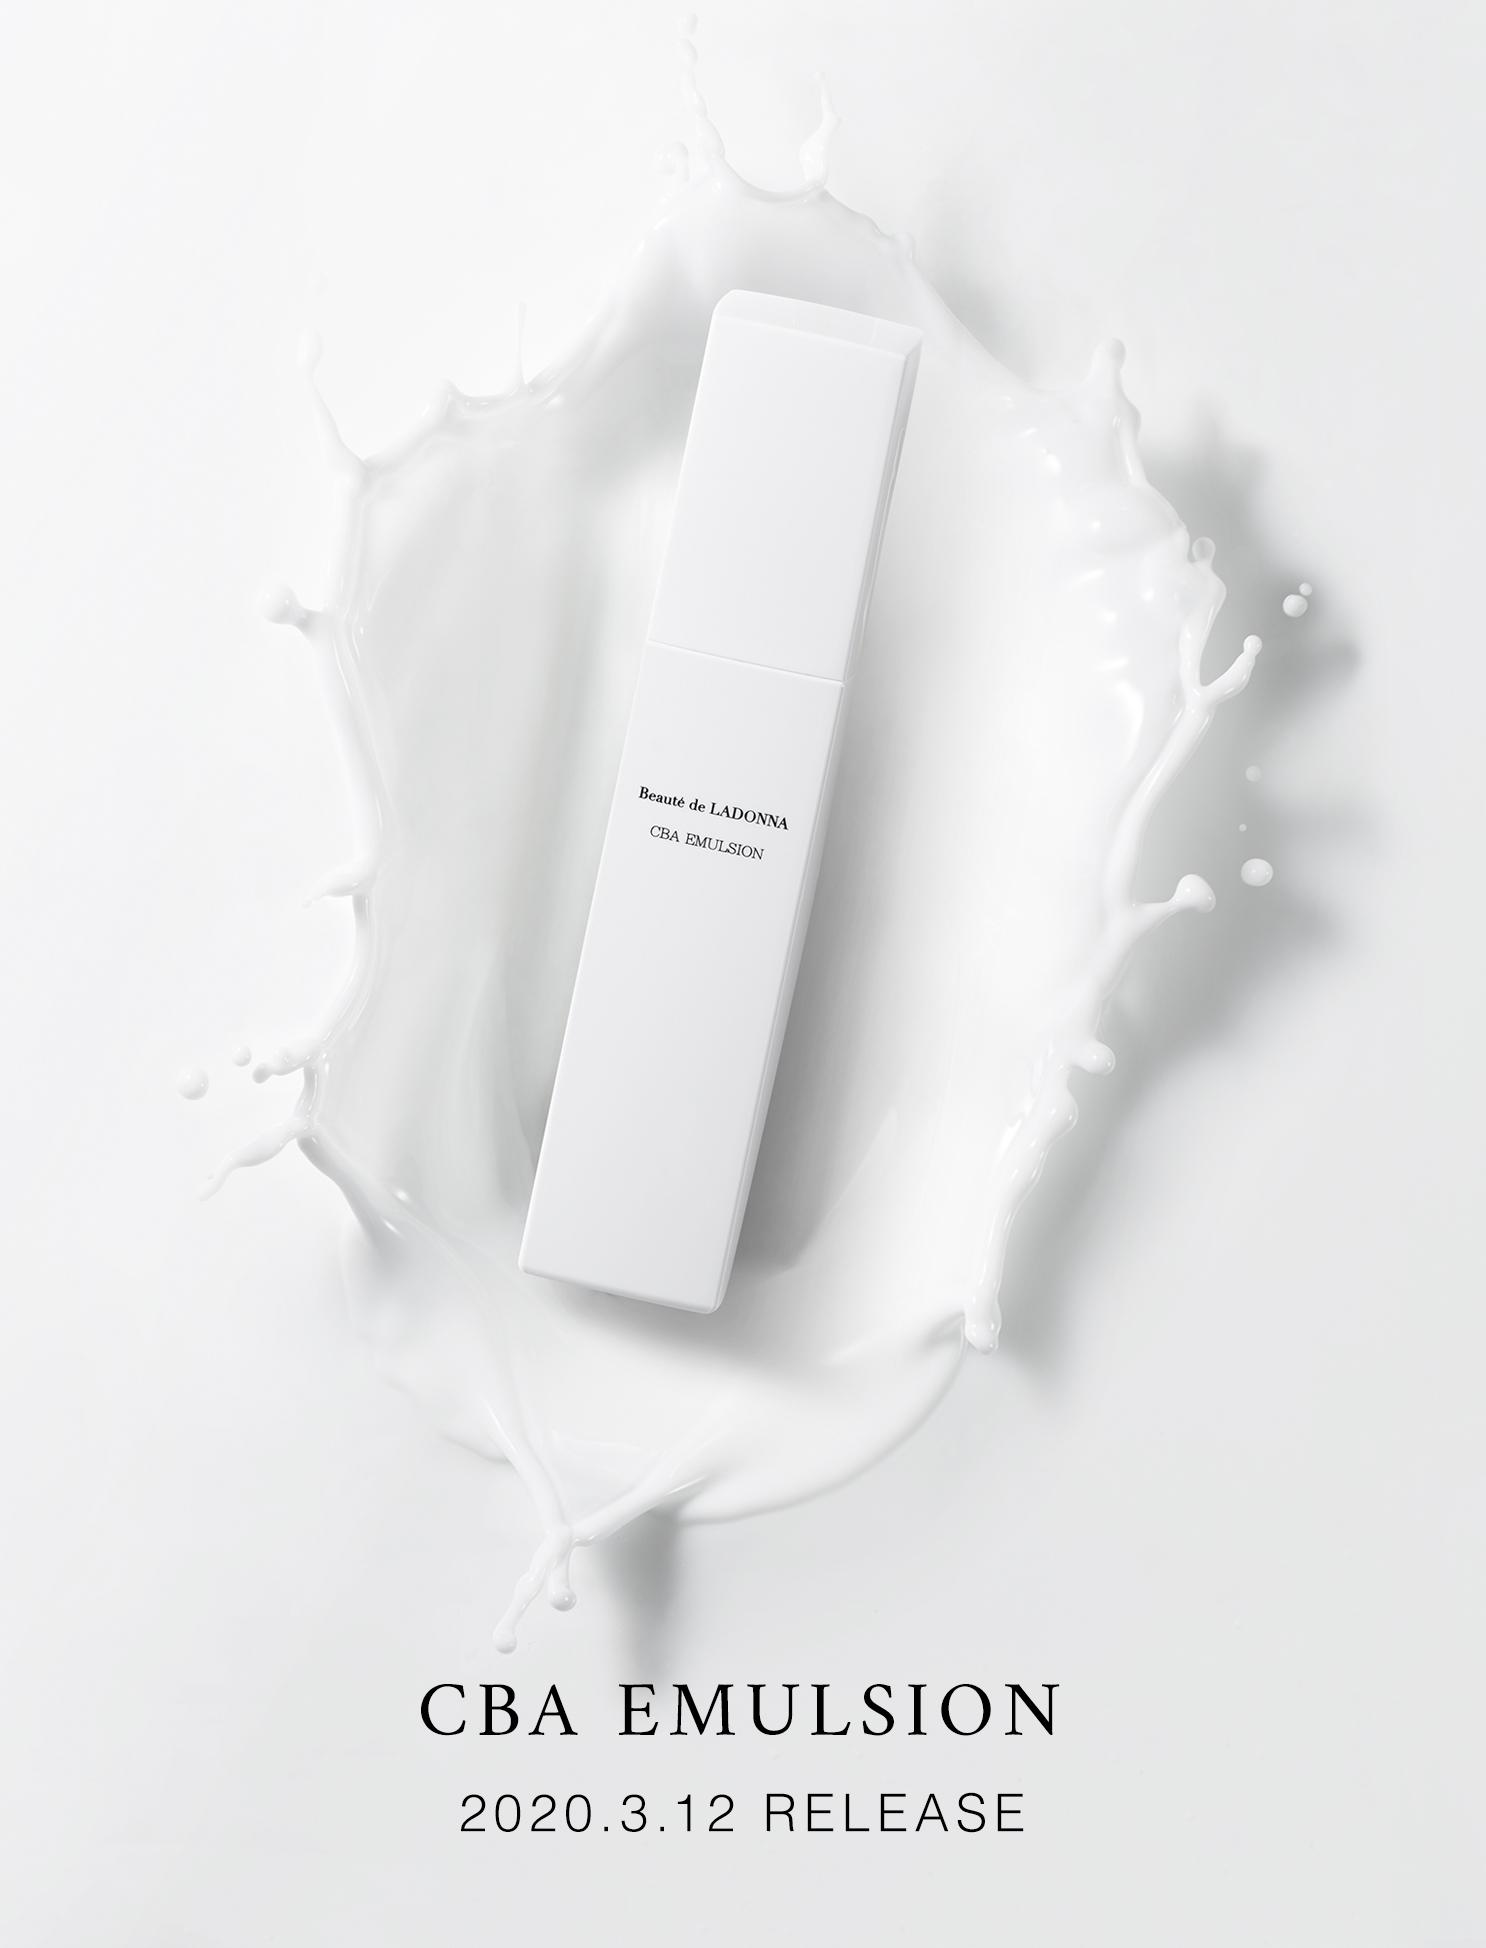 ボーテ ド ラドンナ Beauté de LADONNA 乳液 CBA エマルジョン